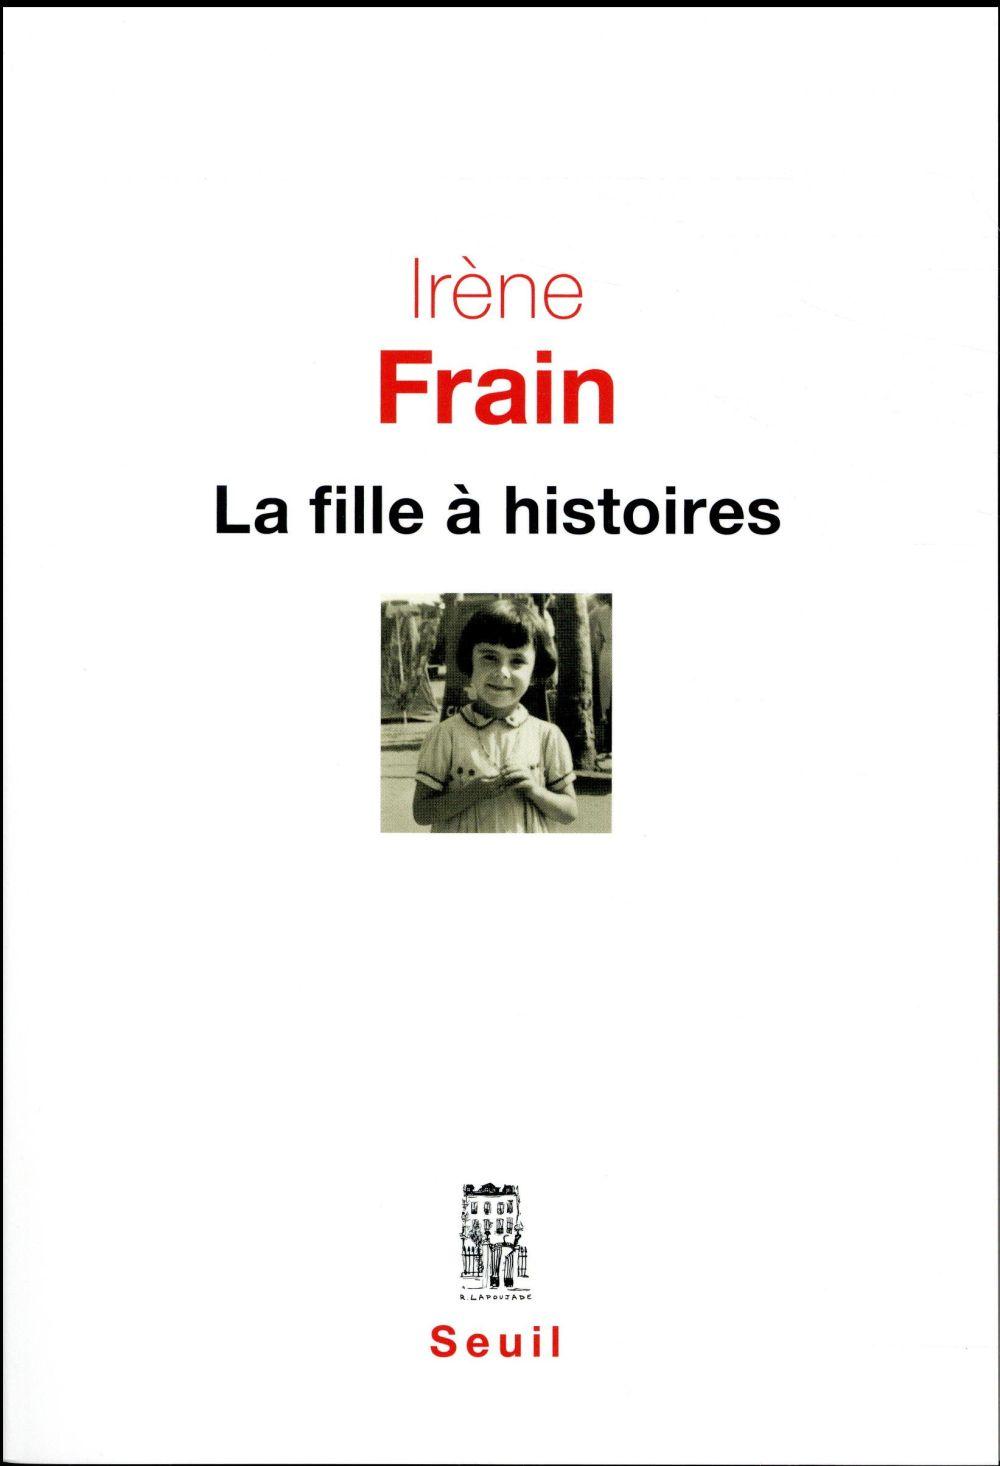 LA FILLE A HISTOIRES